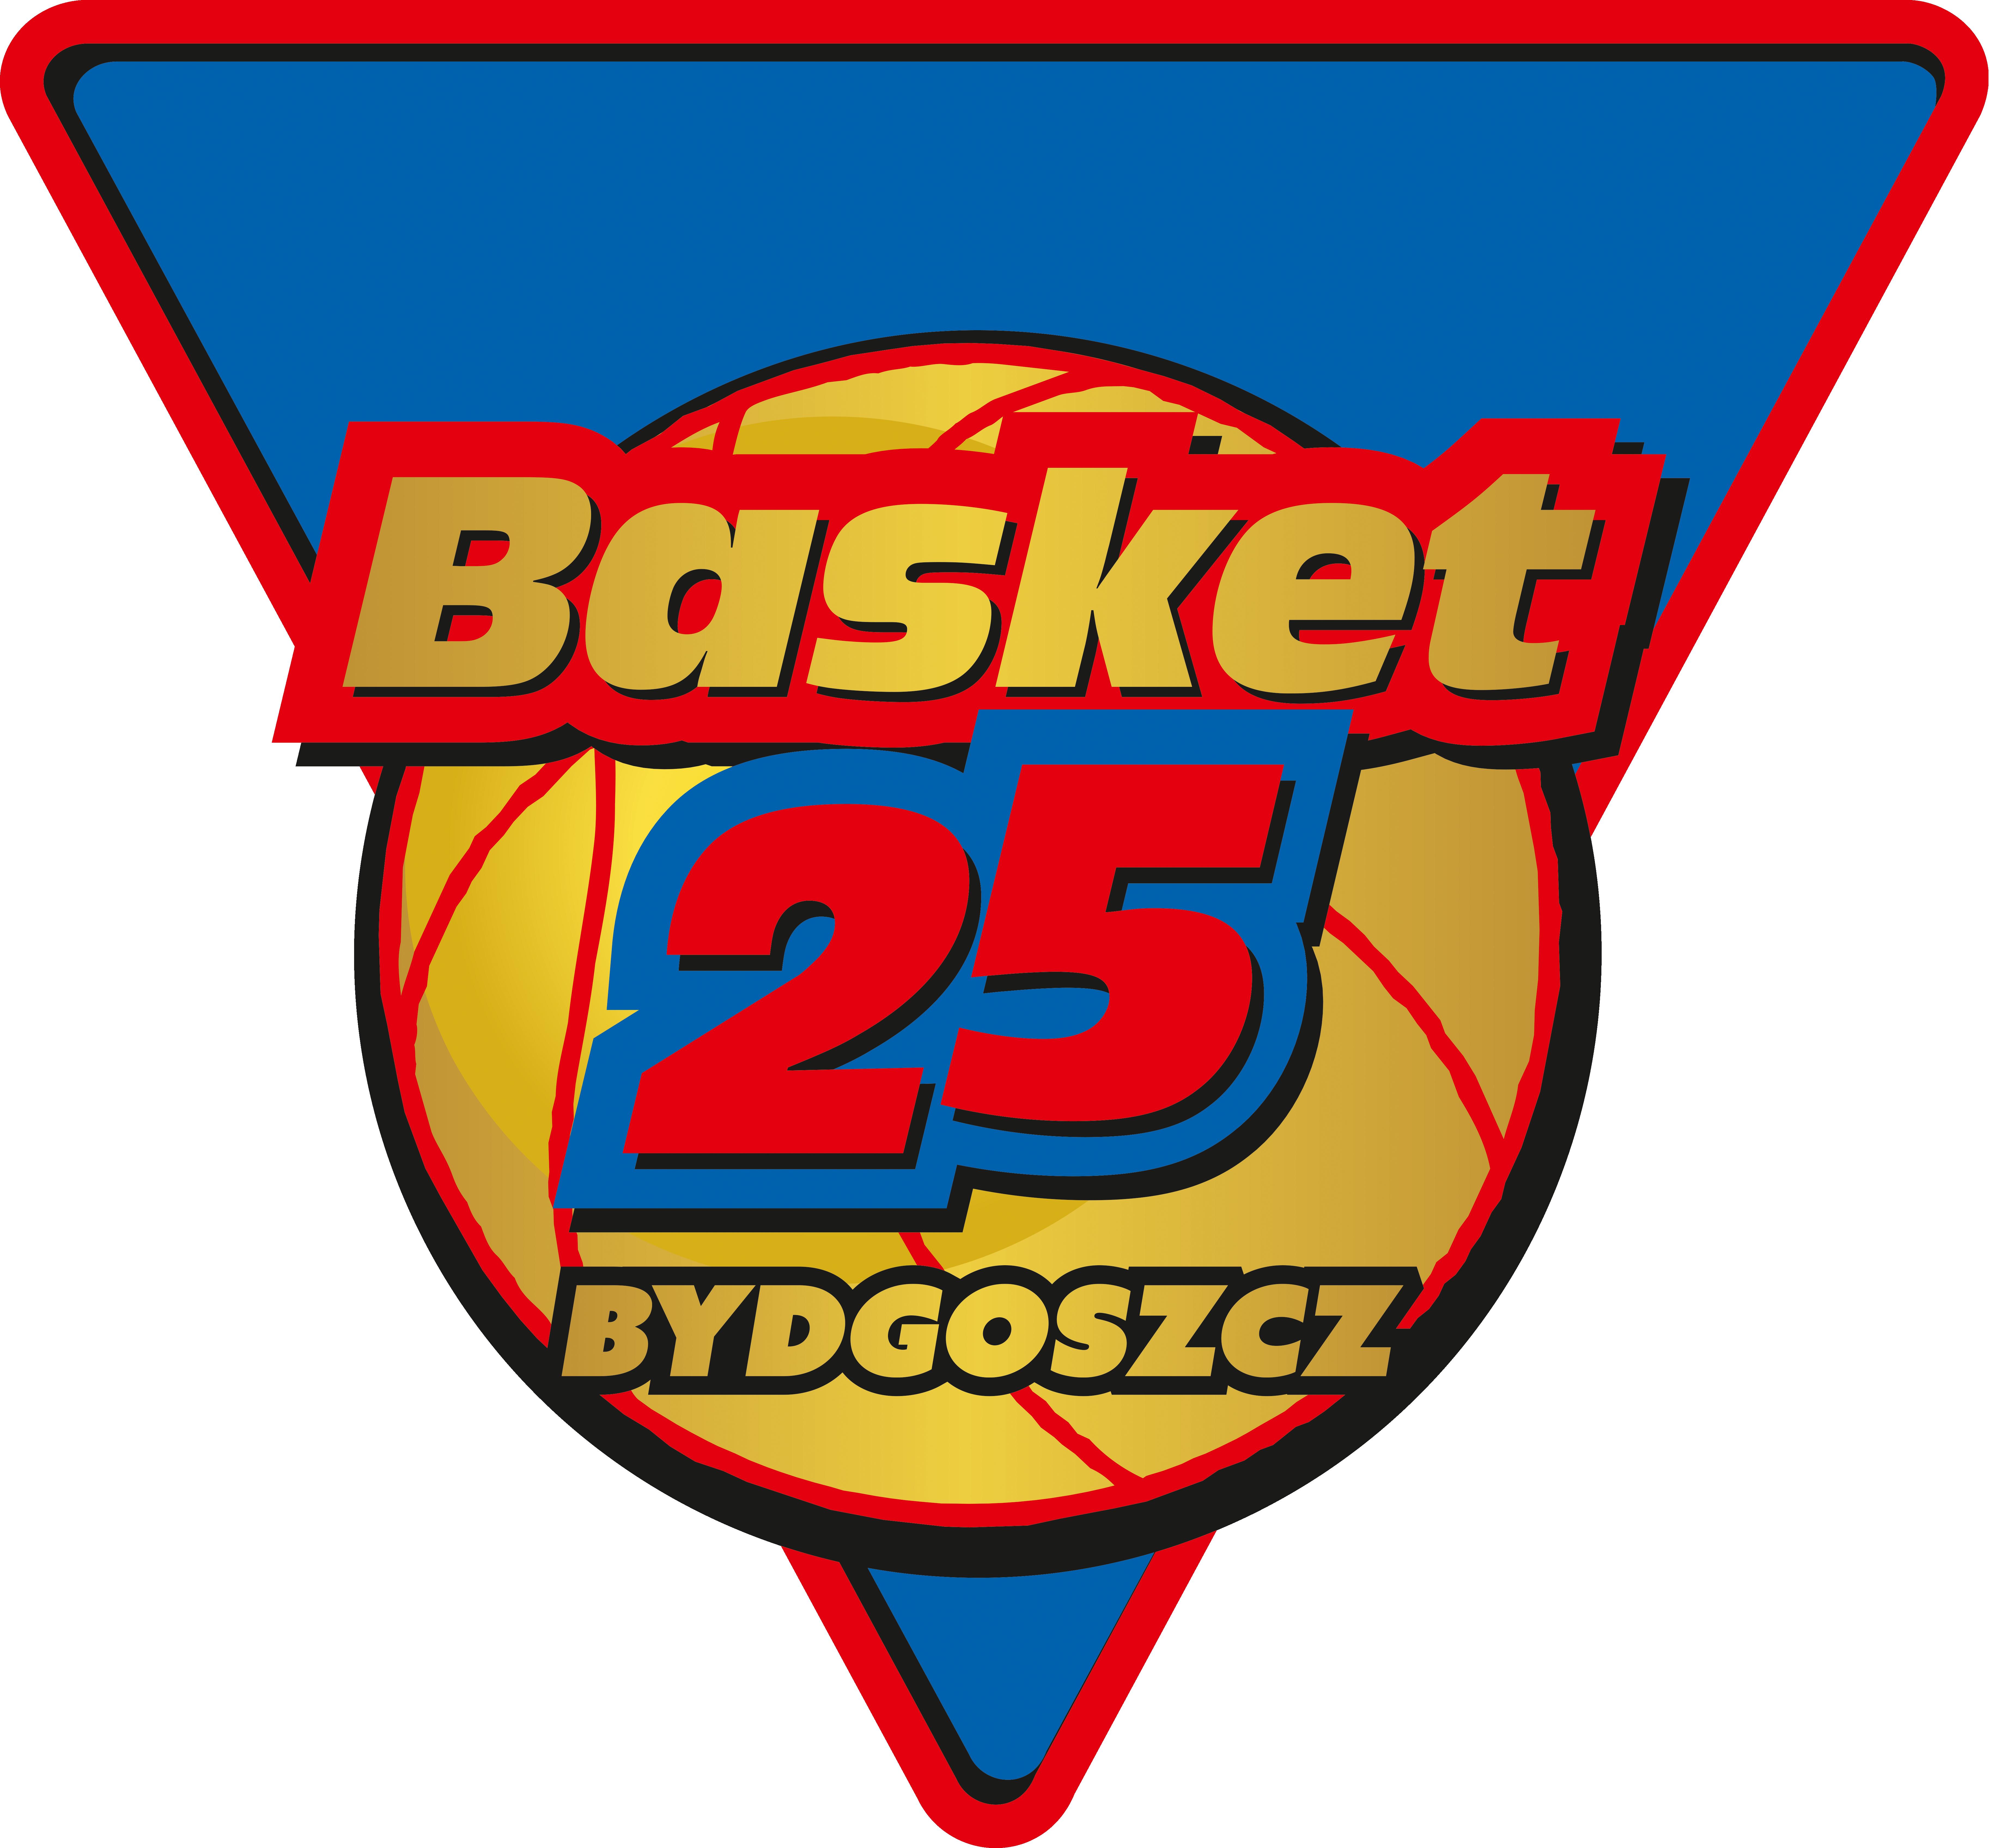 logo klub sportowy basket 25 bydgoszcz